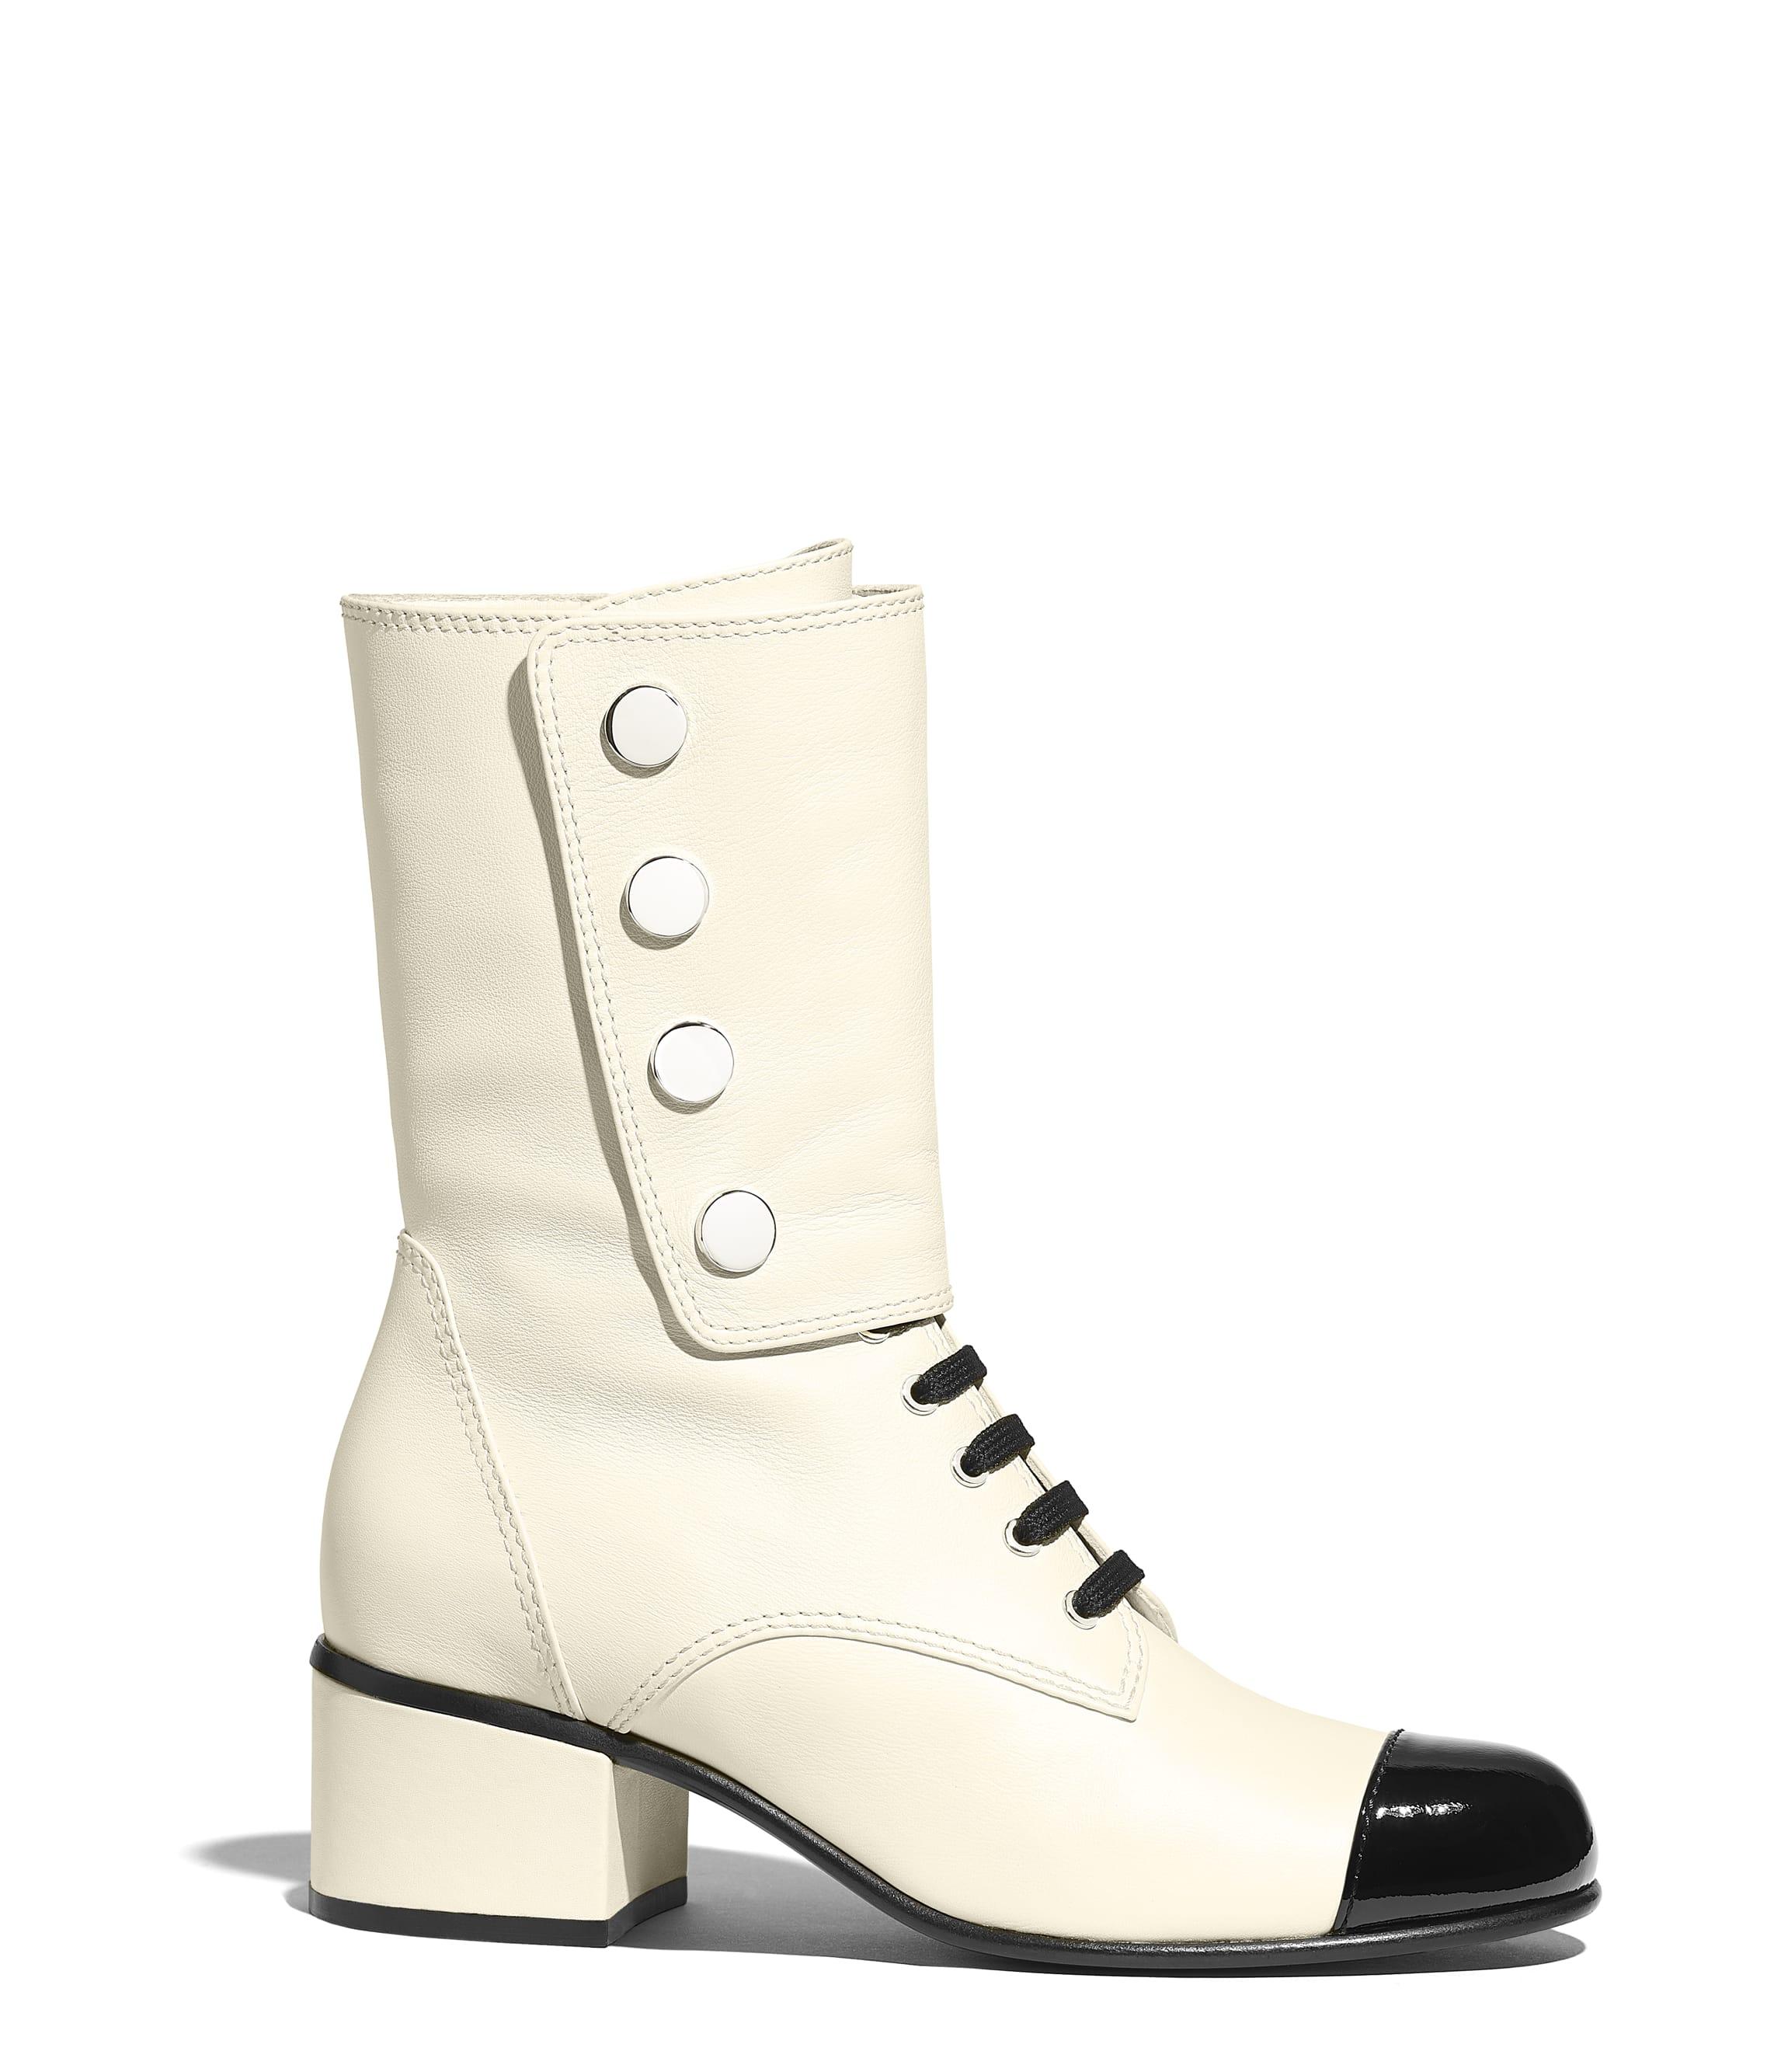 d0e2d40c599 Shoes - CHANEL